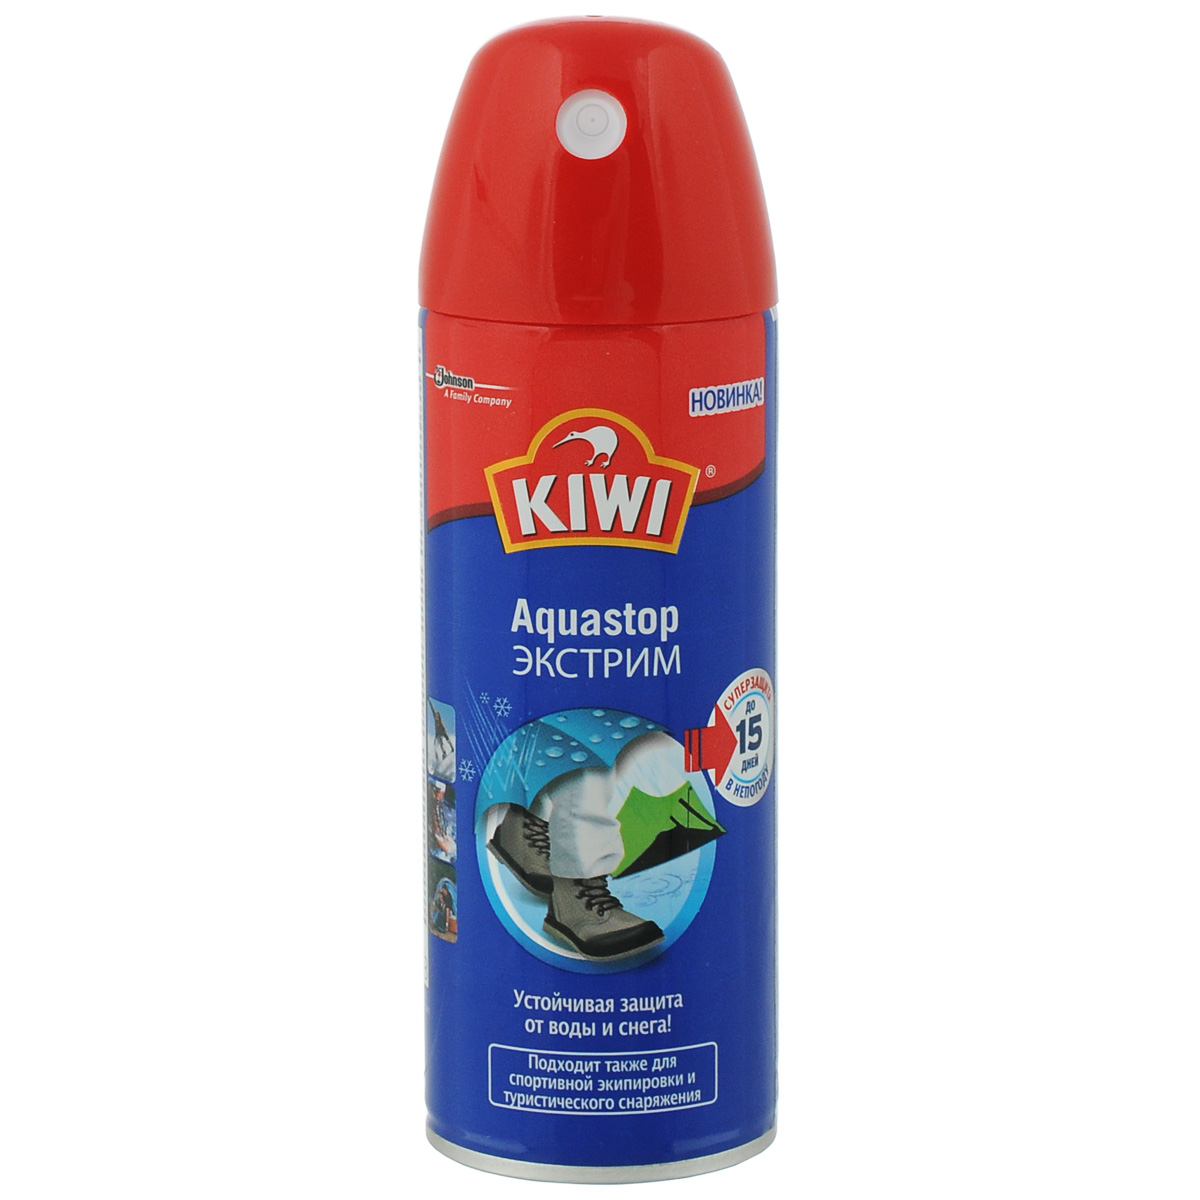 Спрей-пропитка защитный Kiwi Aquastop, для обуви и одежды, 200 млSS 4041Спрей-пропитка Kiwi Aquastop защищает вашу обувь и одежду от воды и пятен. Улучшенная формула, максимальная защита. Содержит на 37% больше активных компонентов защиты кожи по сравнению с другими спреями. Из-за высокой концентрации плюрополимеров образует невидимую водоотталкивающую пленку, которая защищает от дождя и снега, а так же появления масляных и жирных пятен.Состав: алифатические углеводороды >30%, бутан/пропан/изобутан >15% но Товар сертифицирован.